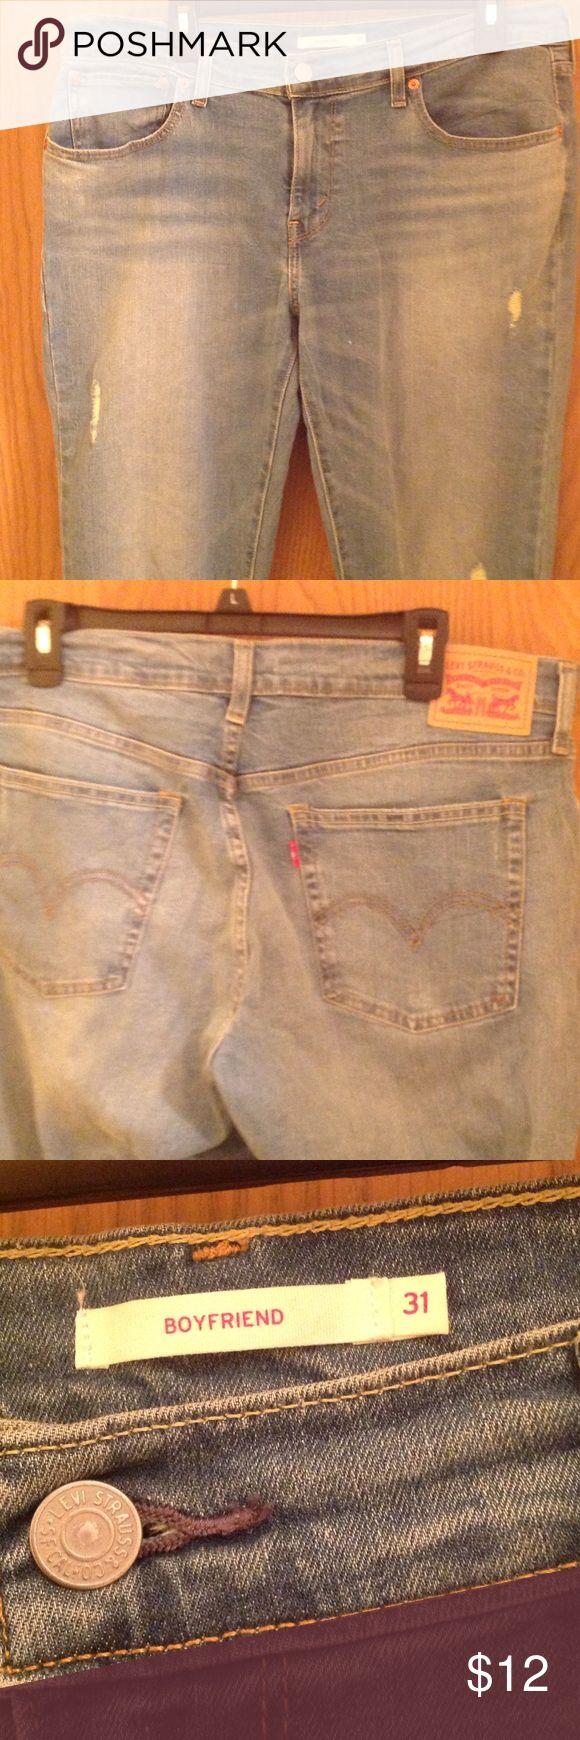 Levi Strauss boyfriend jeans. Levi Strauss boyfriend jeans. Size 31. Levi's Jeans Boyfriend